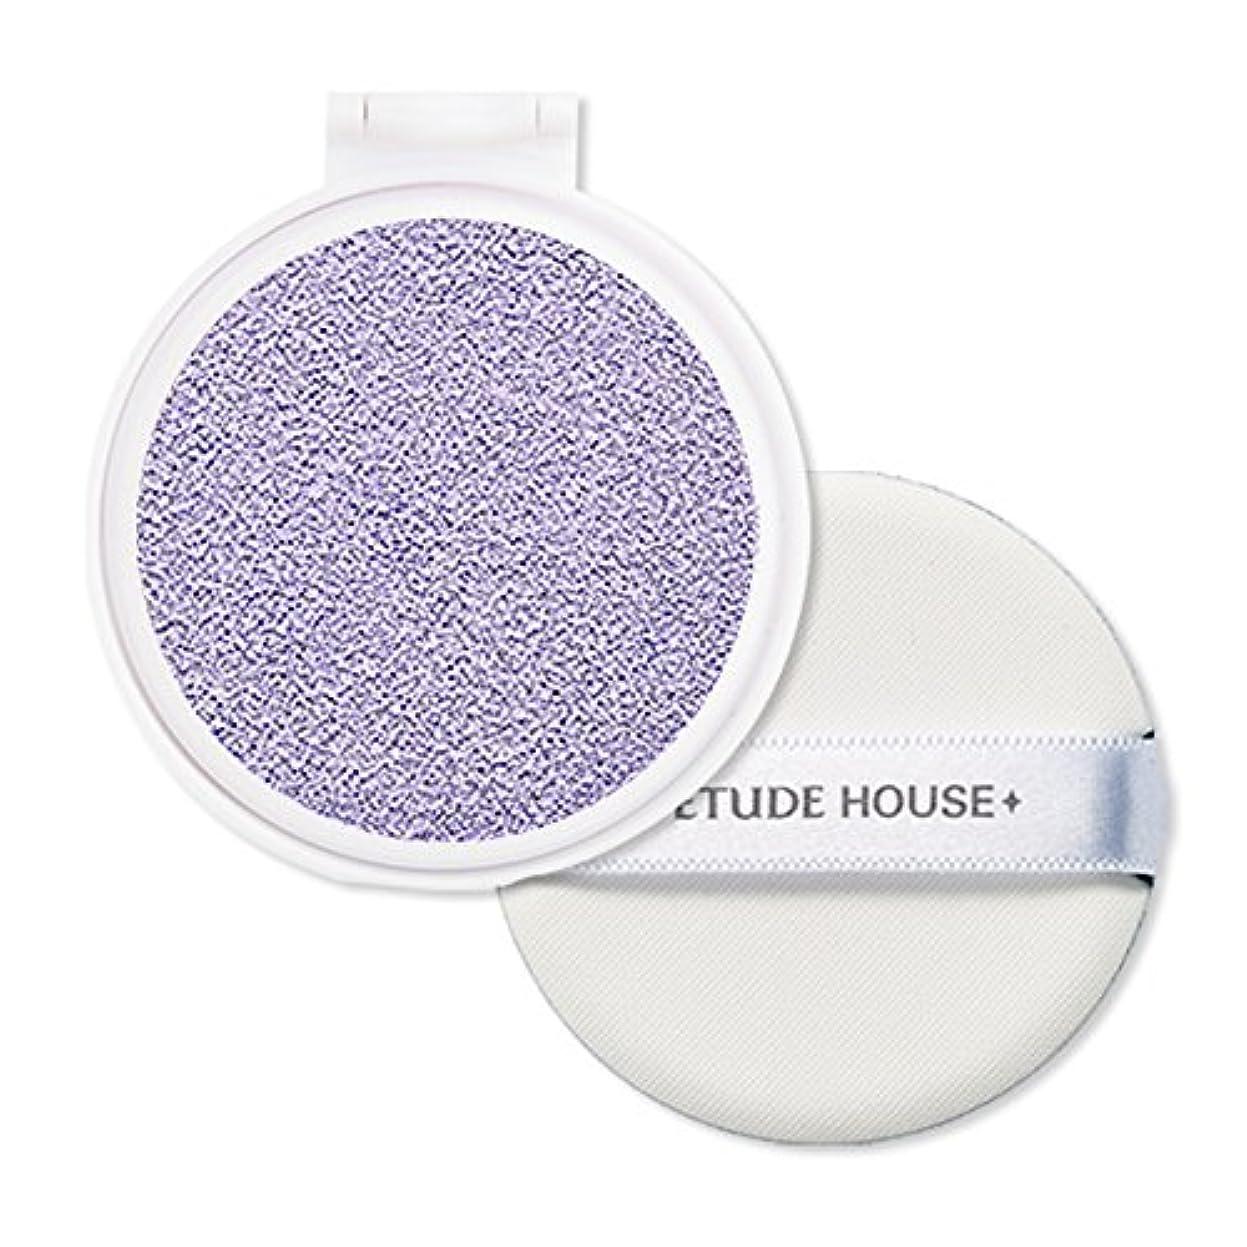 属する鰐それに応じてエチュードハウス(ETUDE HOUSE) エニークッション カラーコレクター レフィル Lavender